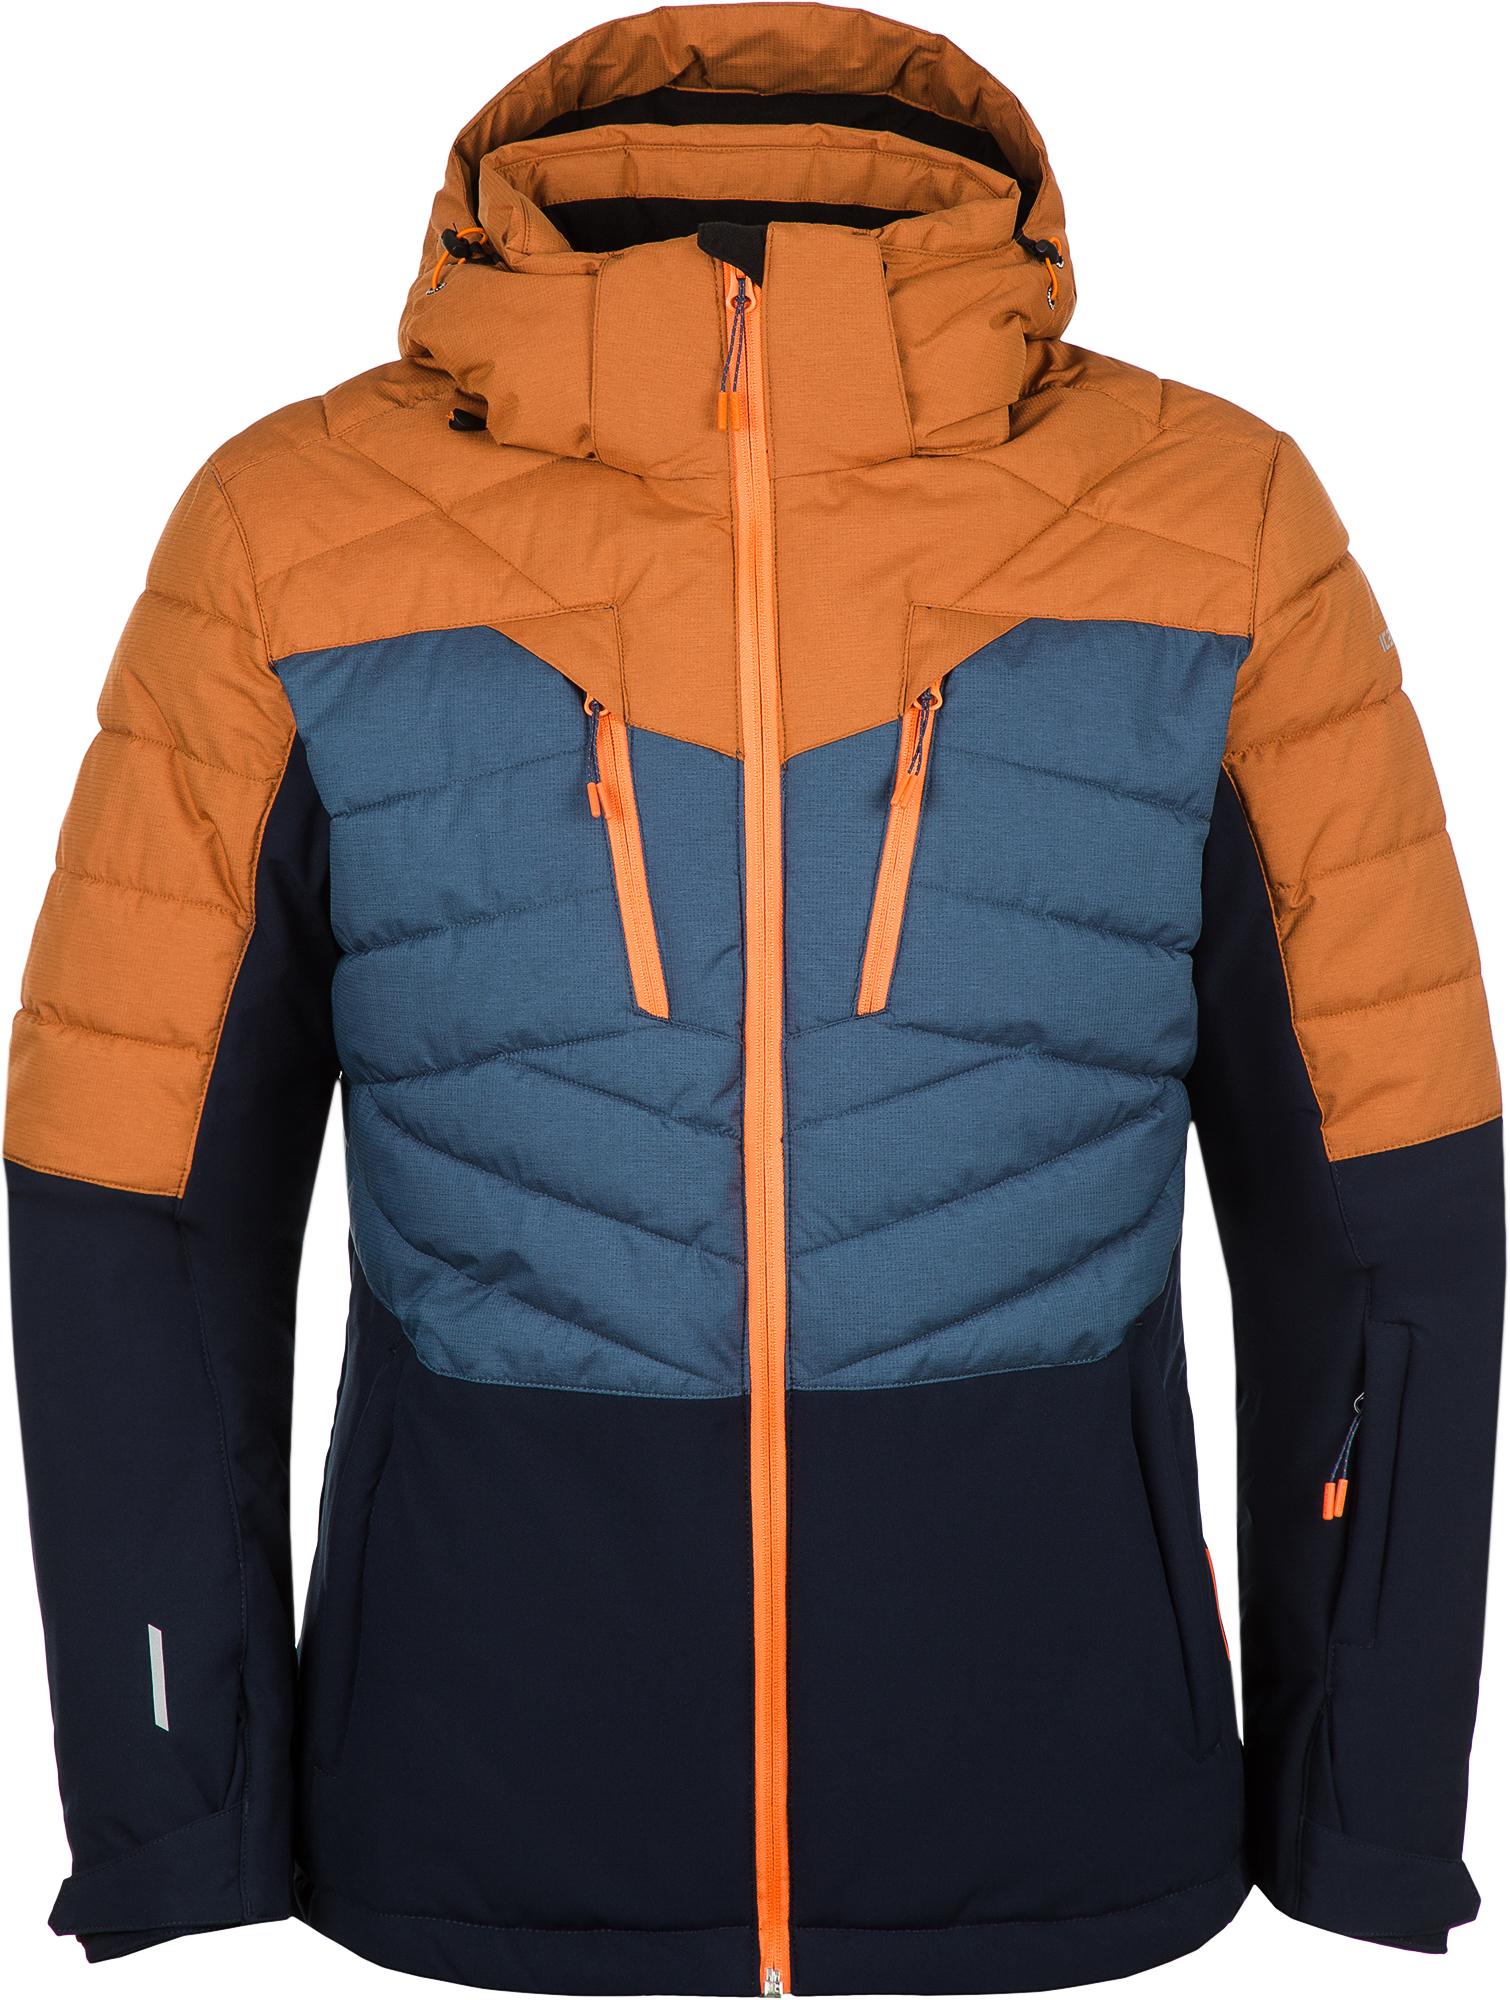 IcePeak Куртка утепленная мужская IcePeak Clover, размер 56